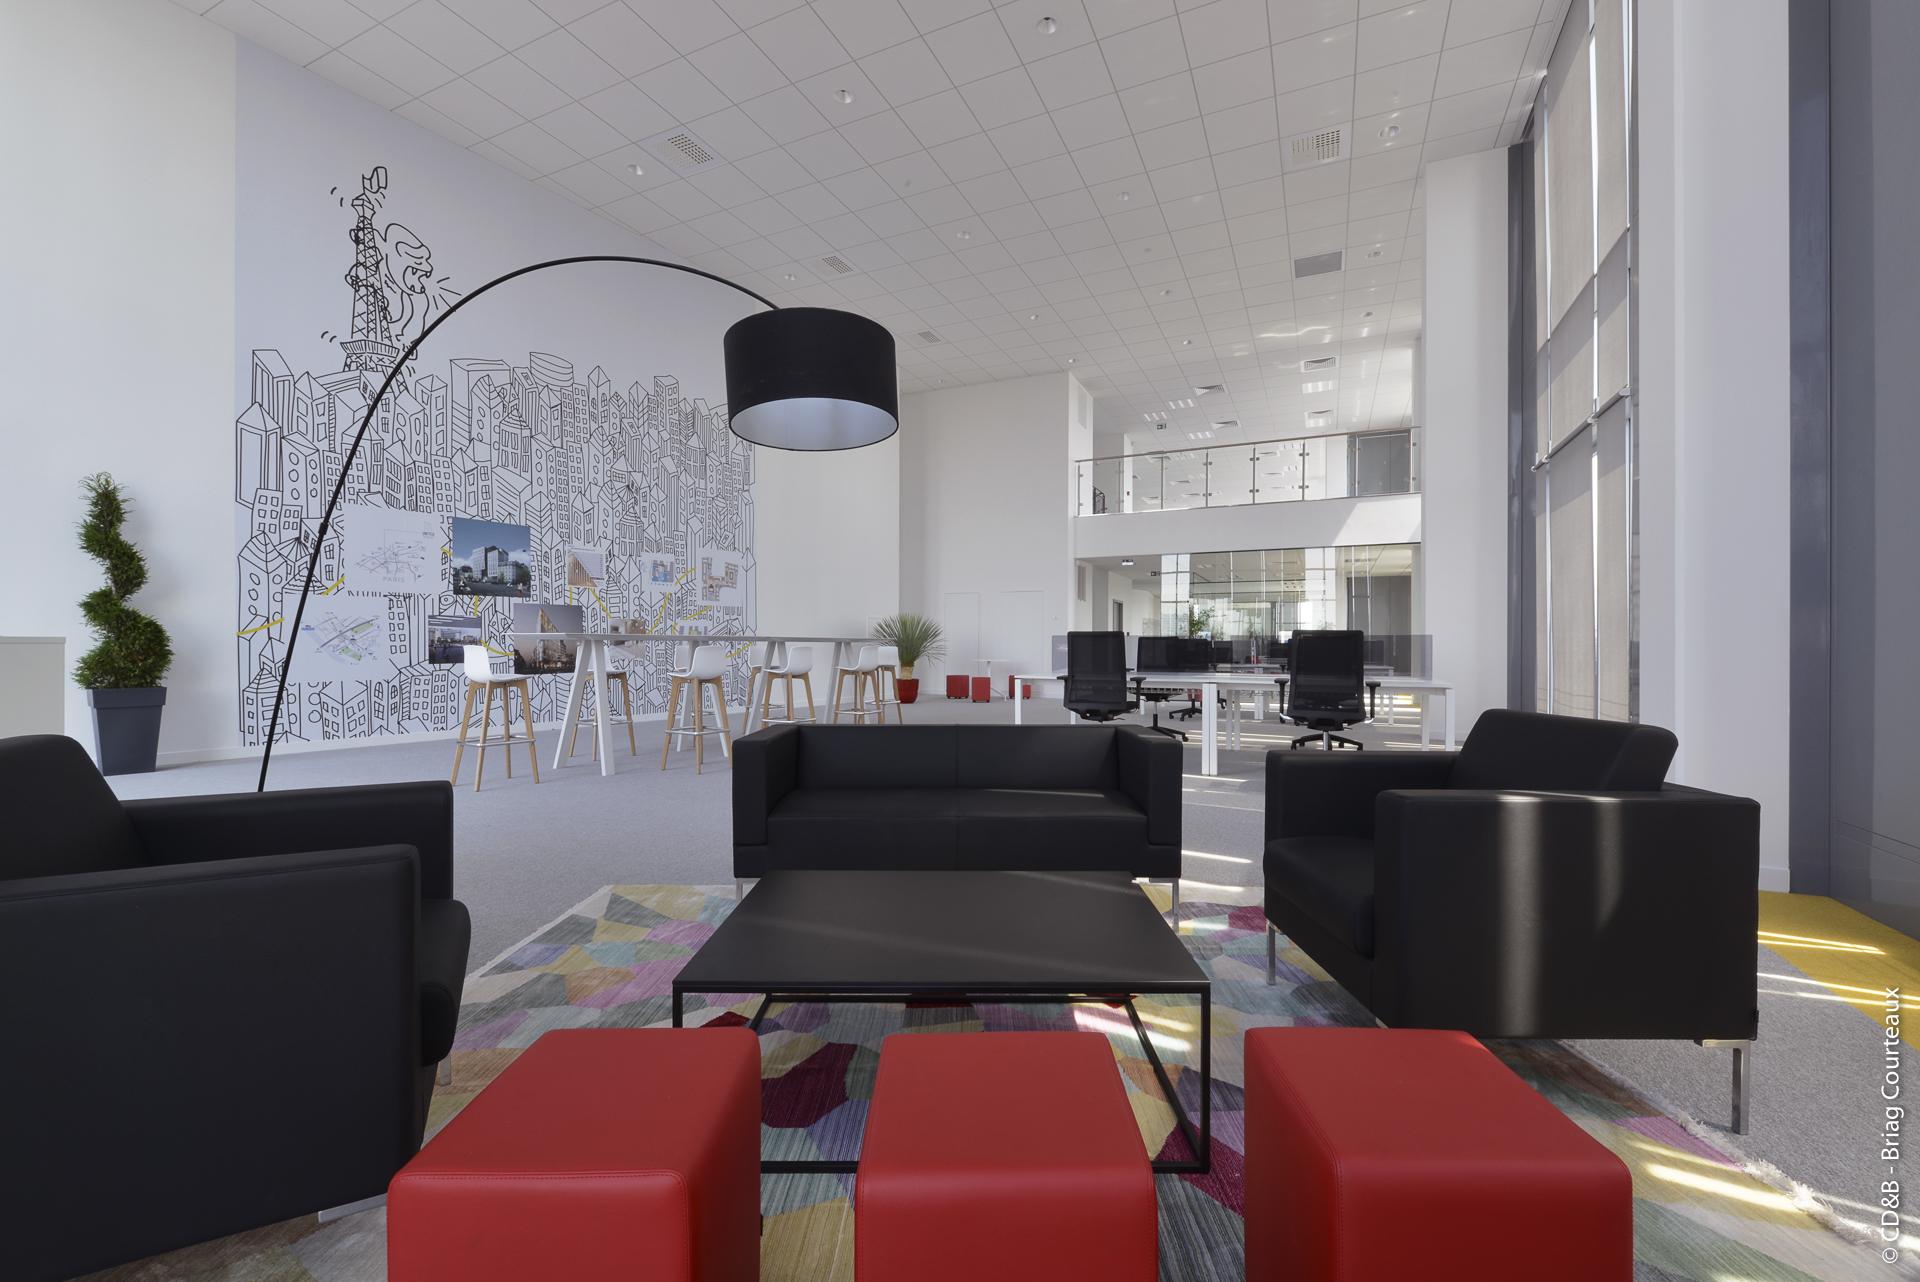 Conseil, aménagement, conception et réalisation des espaces de la société Kaufman & Broad par CDB, Meet you there.